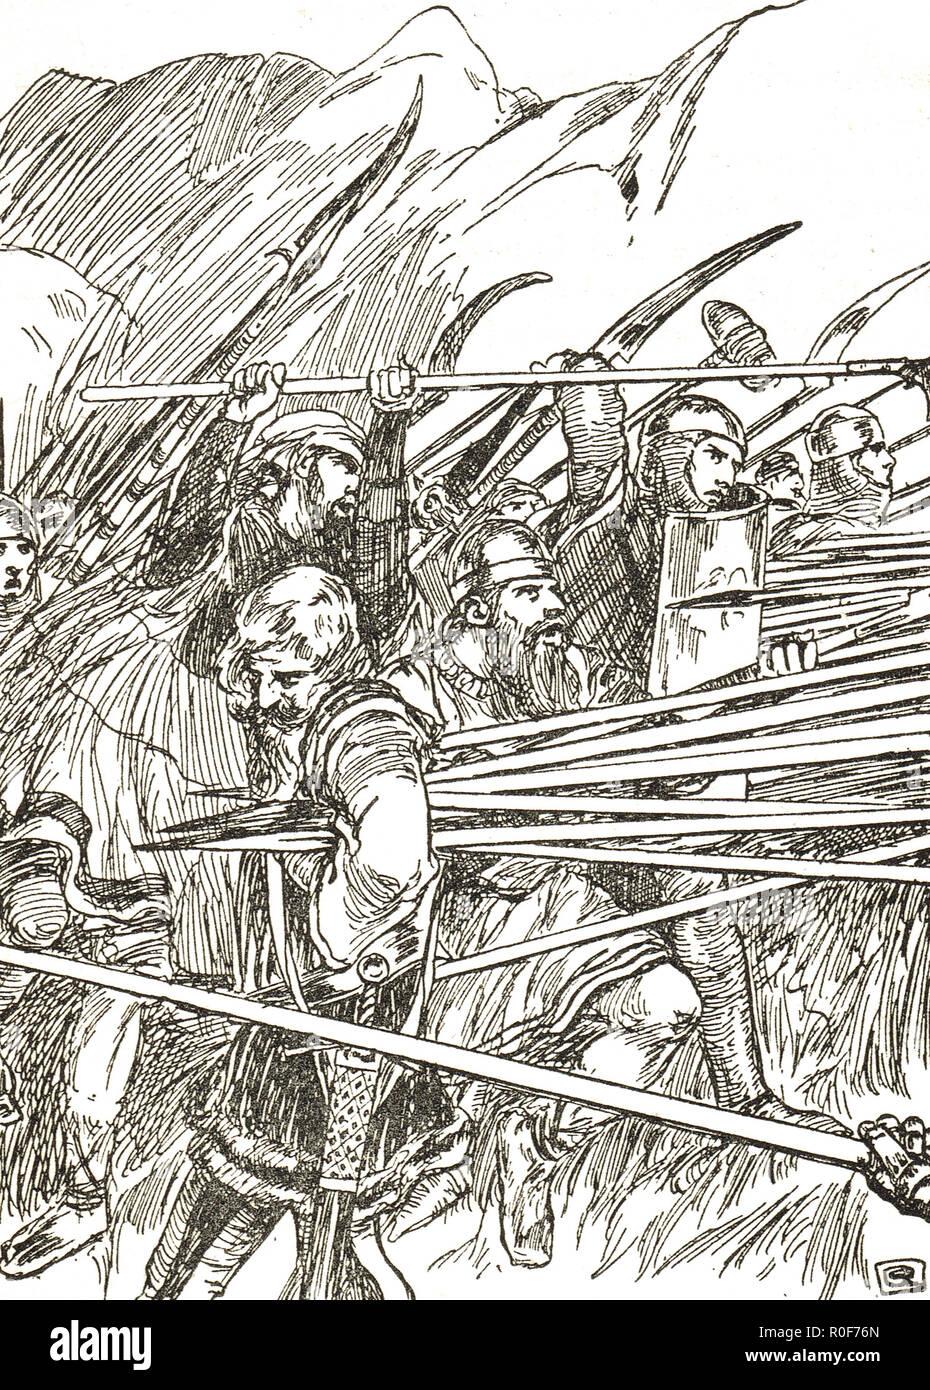 La morte di Arnold von Winkelried, un leggendario eroe della storia svizzera, nella battaglia di Sempach, 1386 Immagini Stock